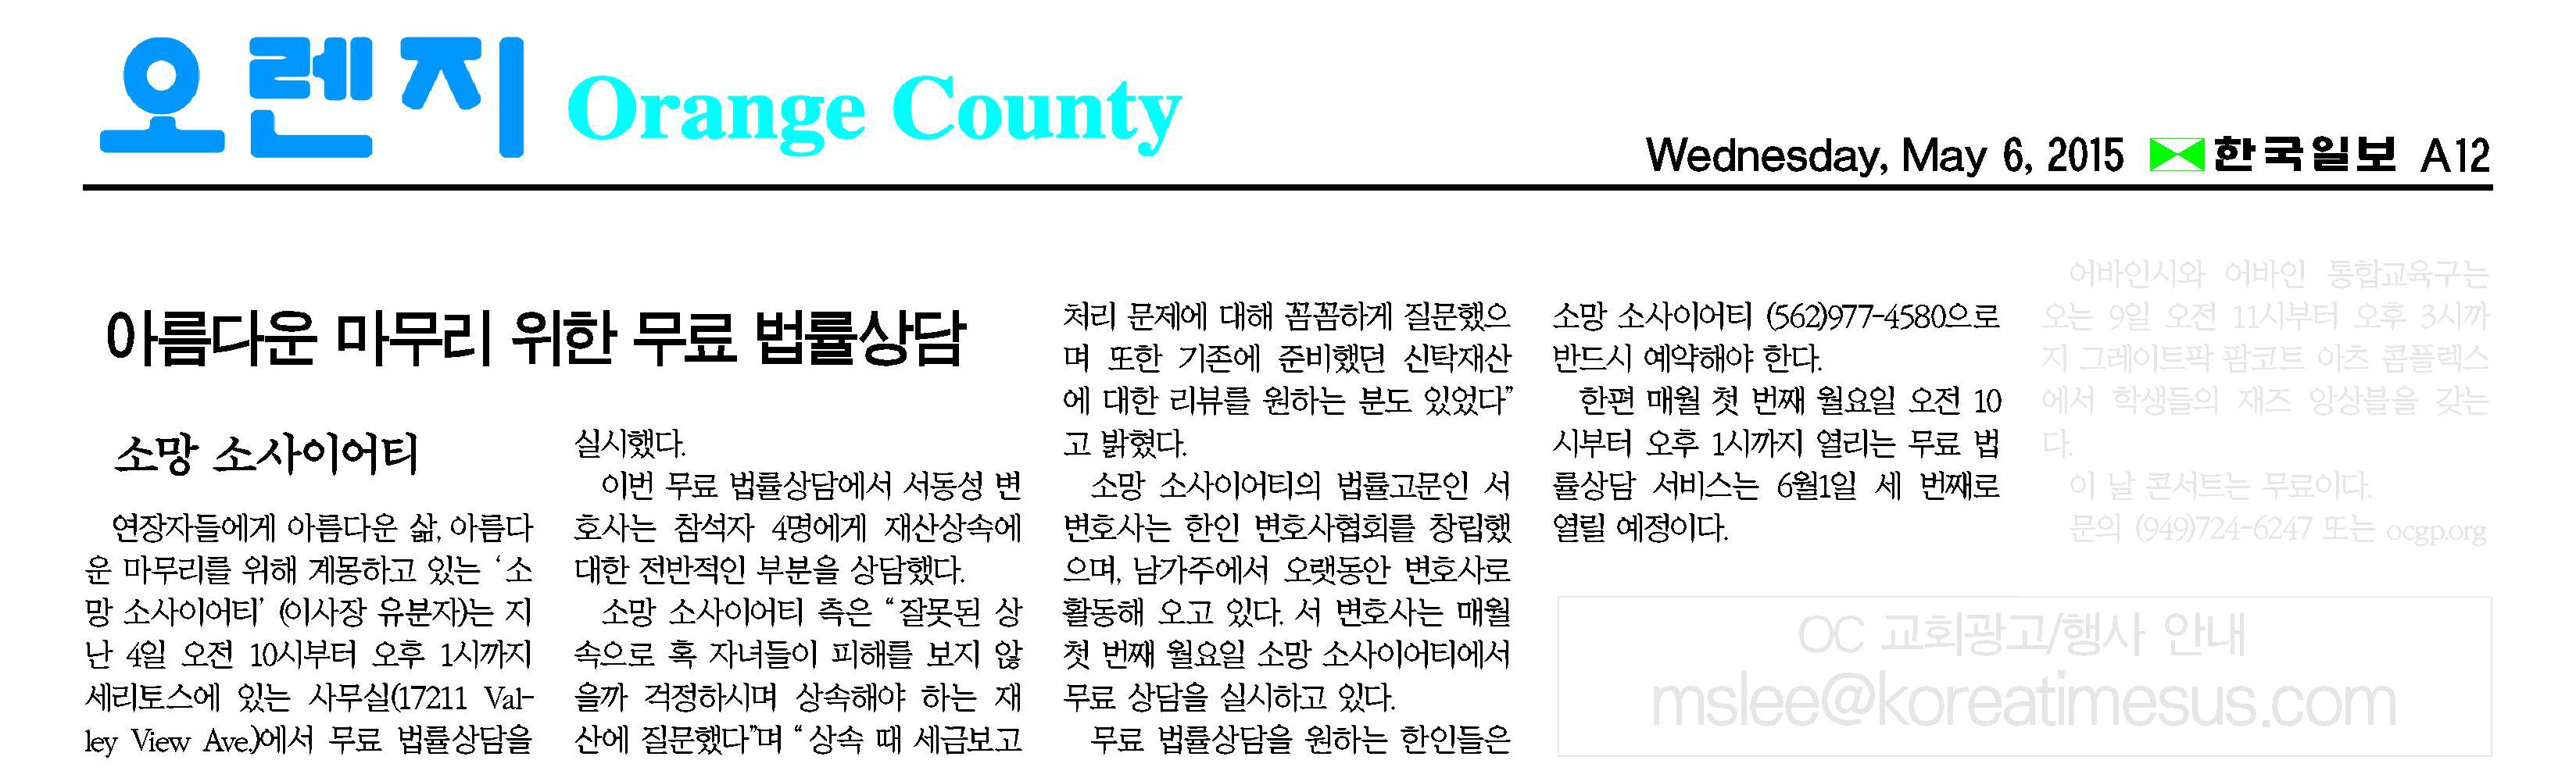 """""""아름다운 마무리 위한 무료 법률상담"""" 2015년 5월6일 한국일보"""